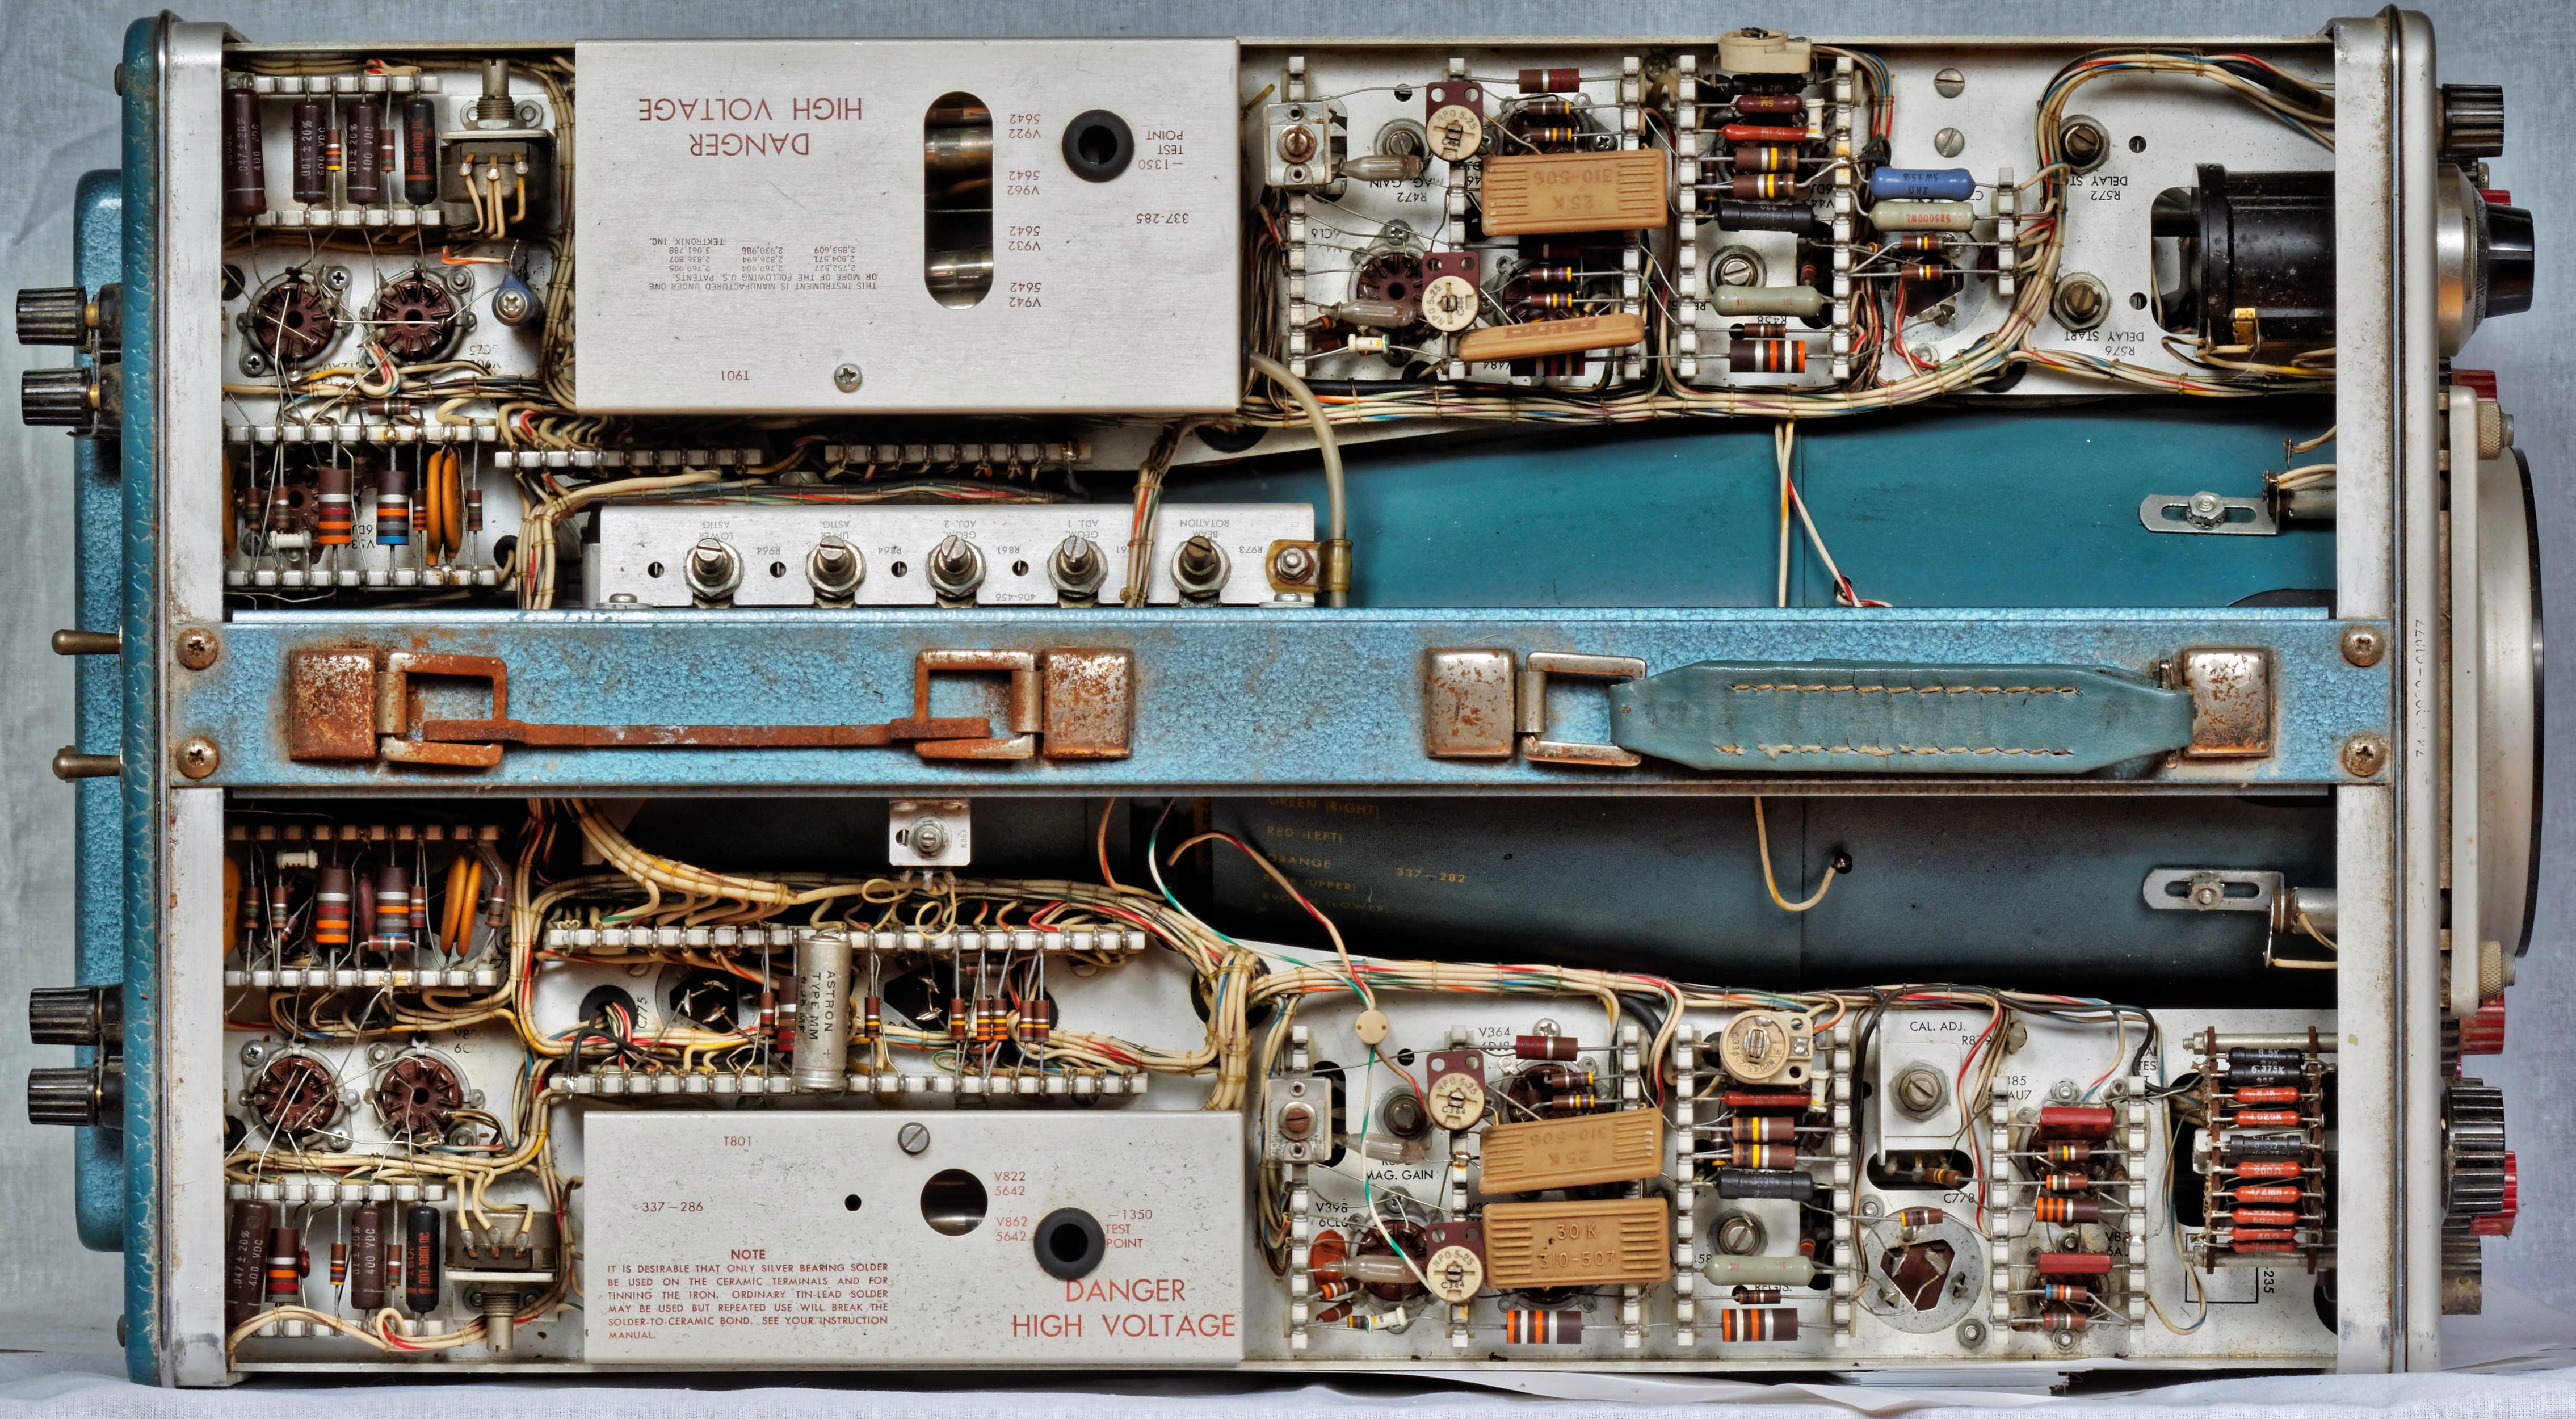 555-mainframe-6.jpeg